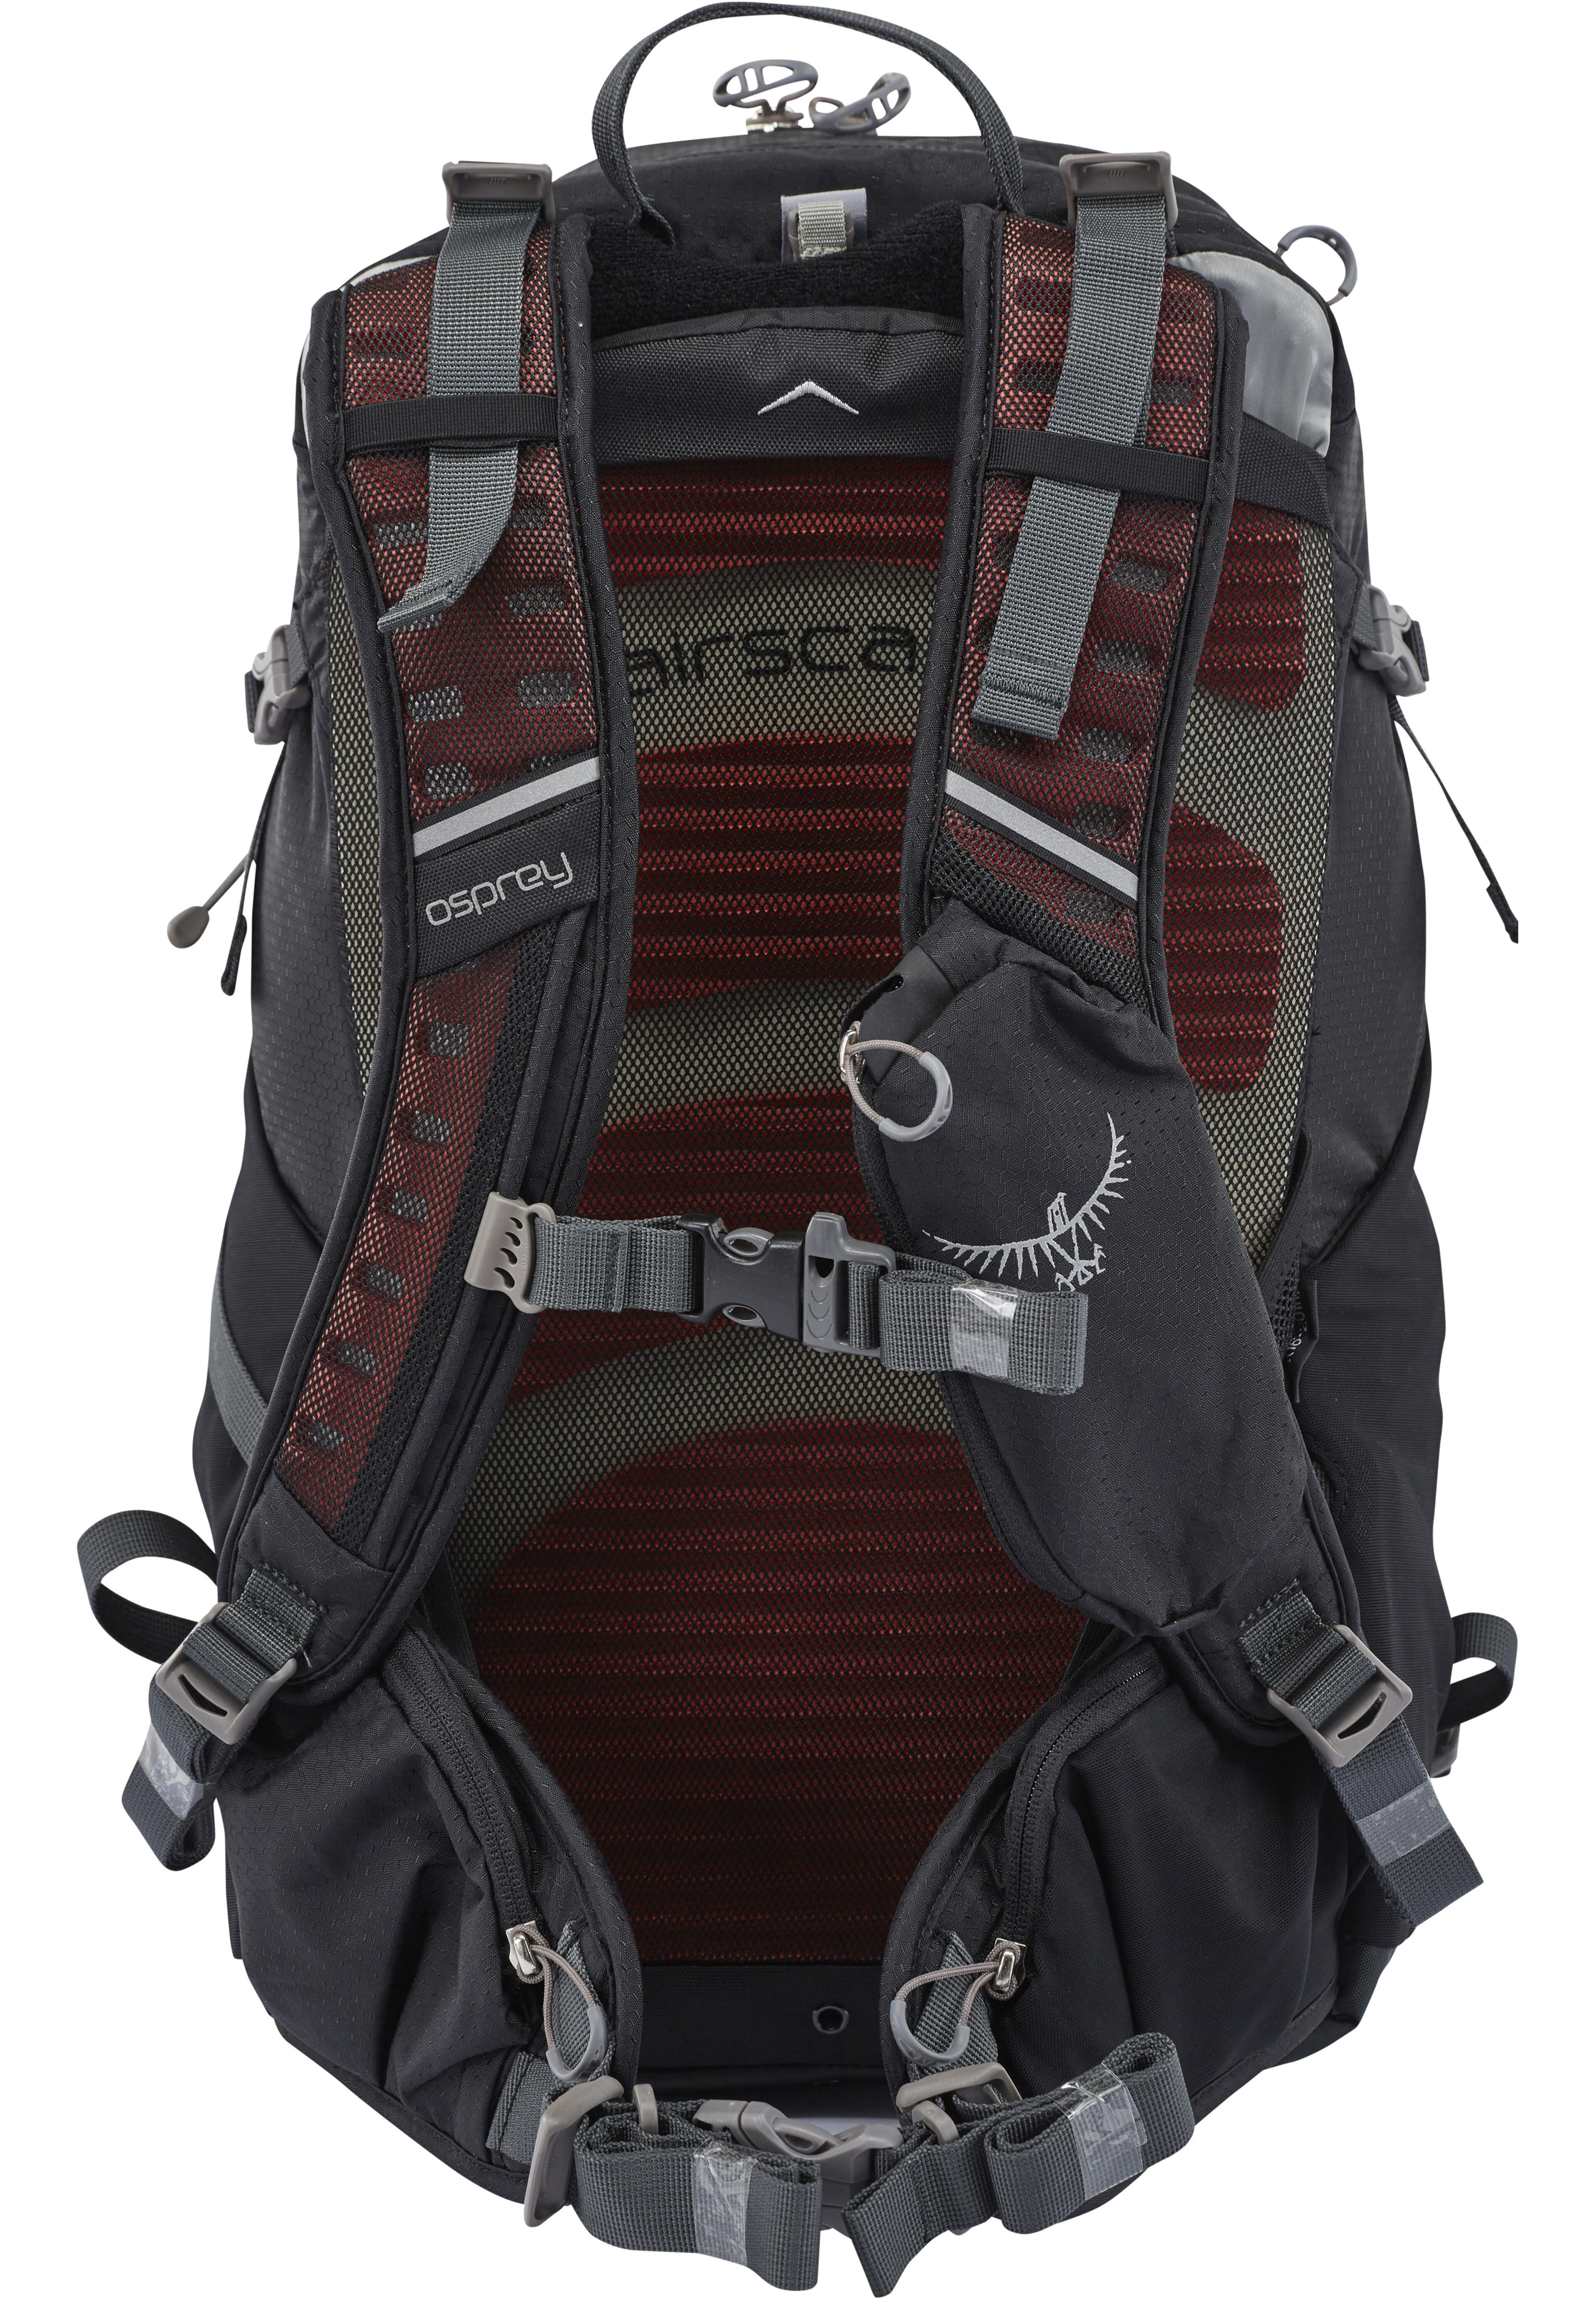 b748a43069e45 Osprey Escapist 25 Plecak S M czarny